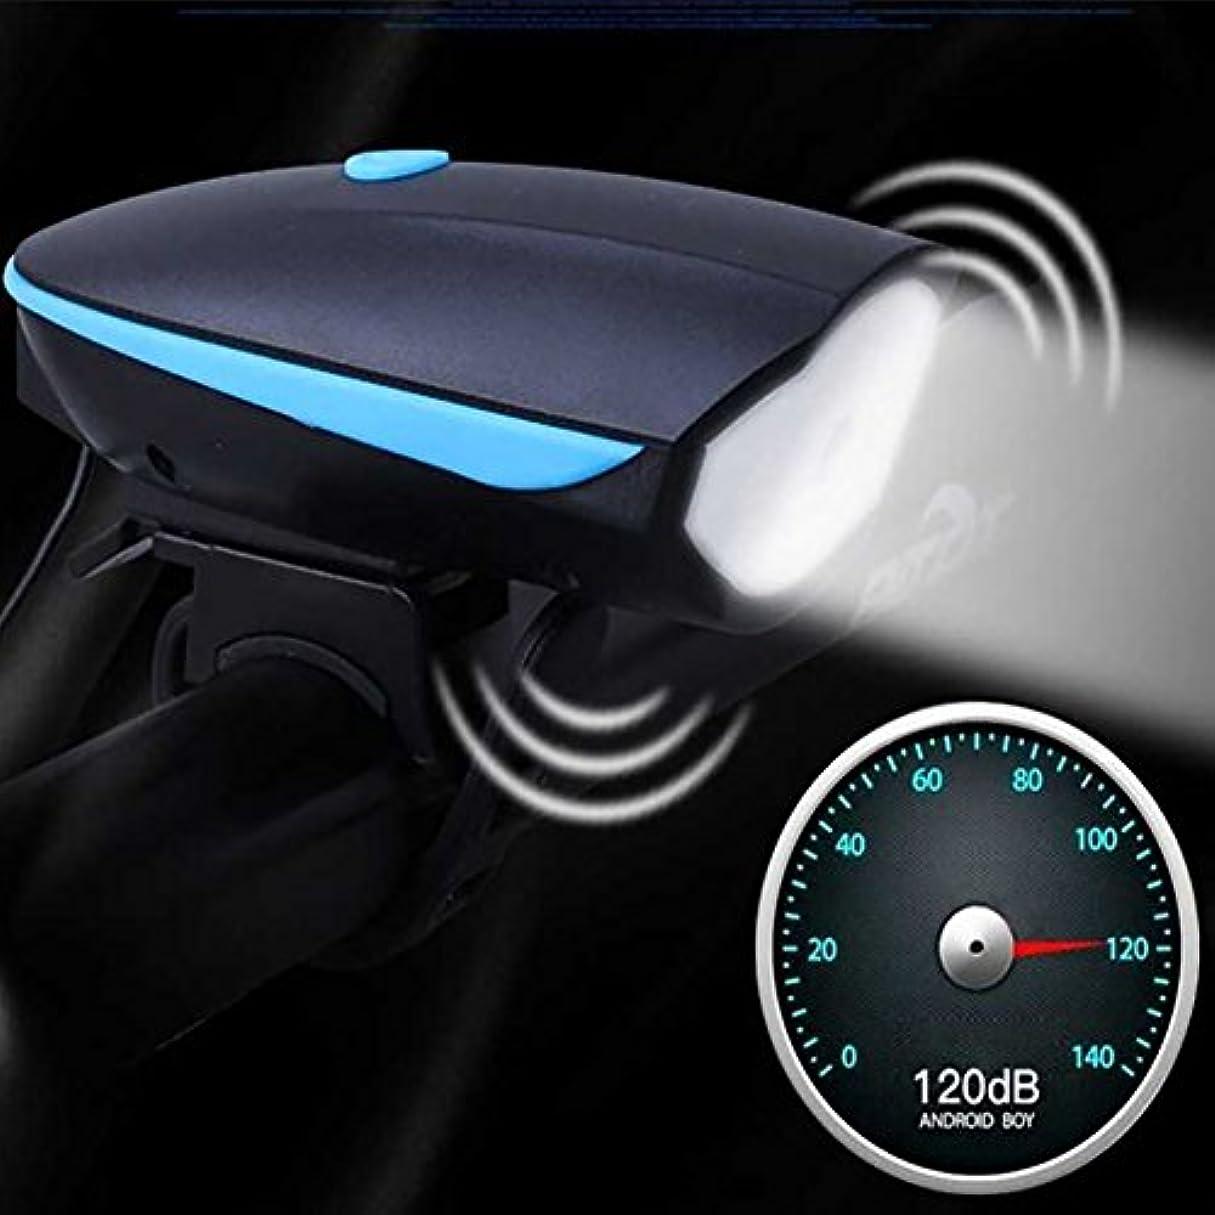 軸マトリックスゲージRaiFu ヘッドライト USB充電 自転車 ホーン 実車 キット付き 防水強力 ライト